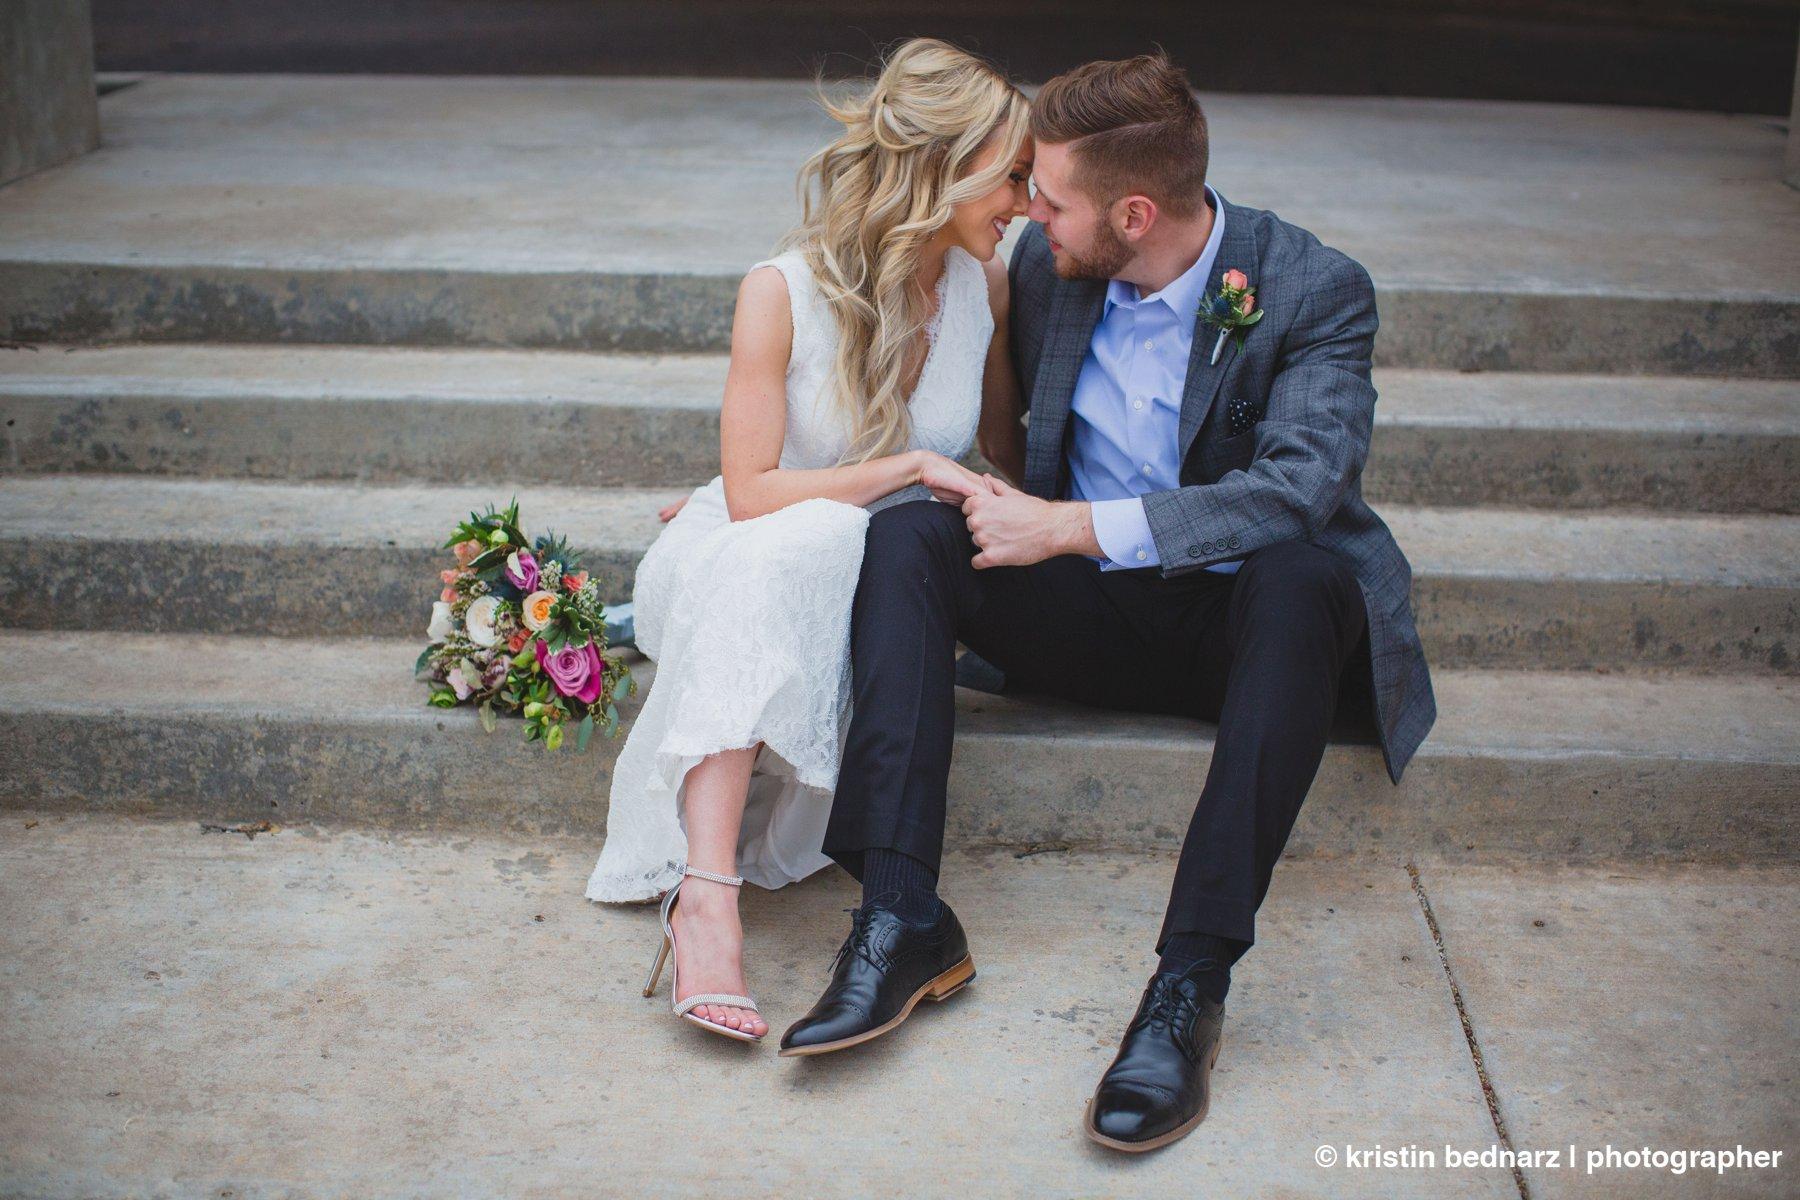 kristin_bednarz_wedding_photographer_20190214_00081sneak_peek.JPG